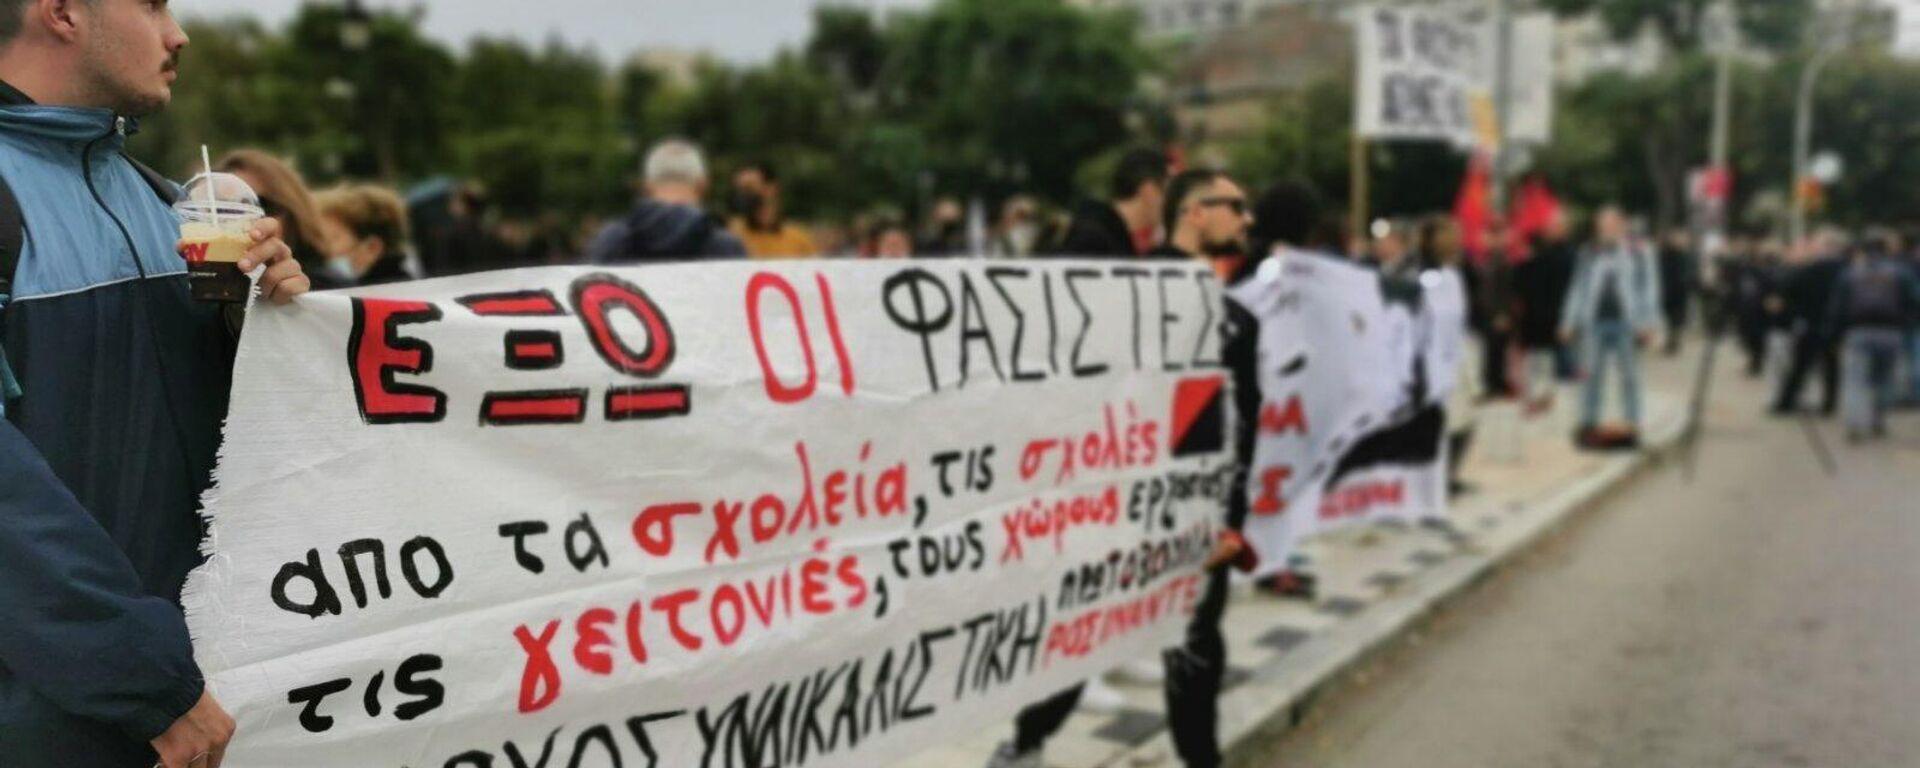 Αντιφασιστική πορεία για τον ένα χρόνο από την καταδίκη της Χρυσής Αυγής στη Θεσσαλονίκη - Sputnik Ελλάδα, 1920, 07.10.2021